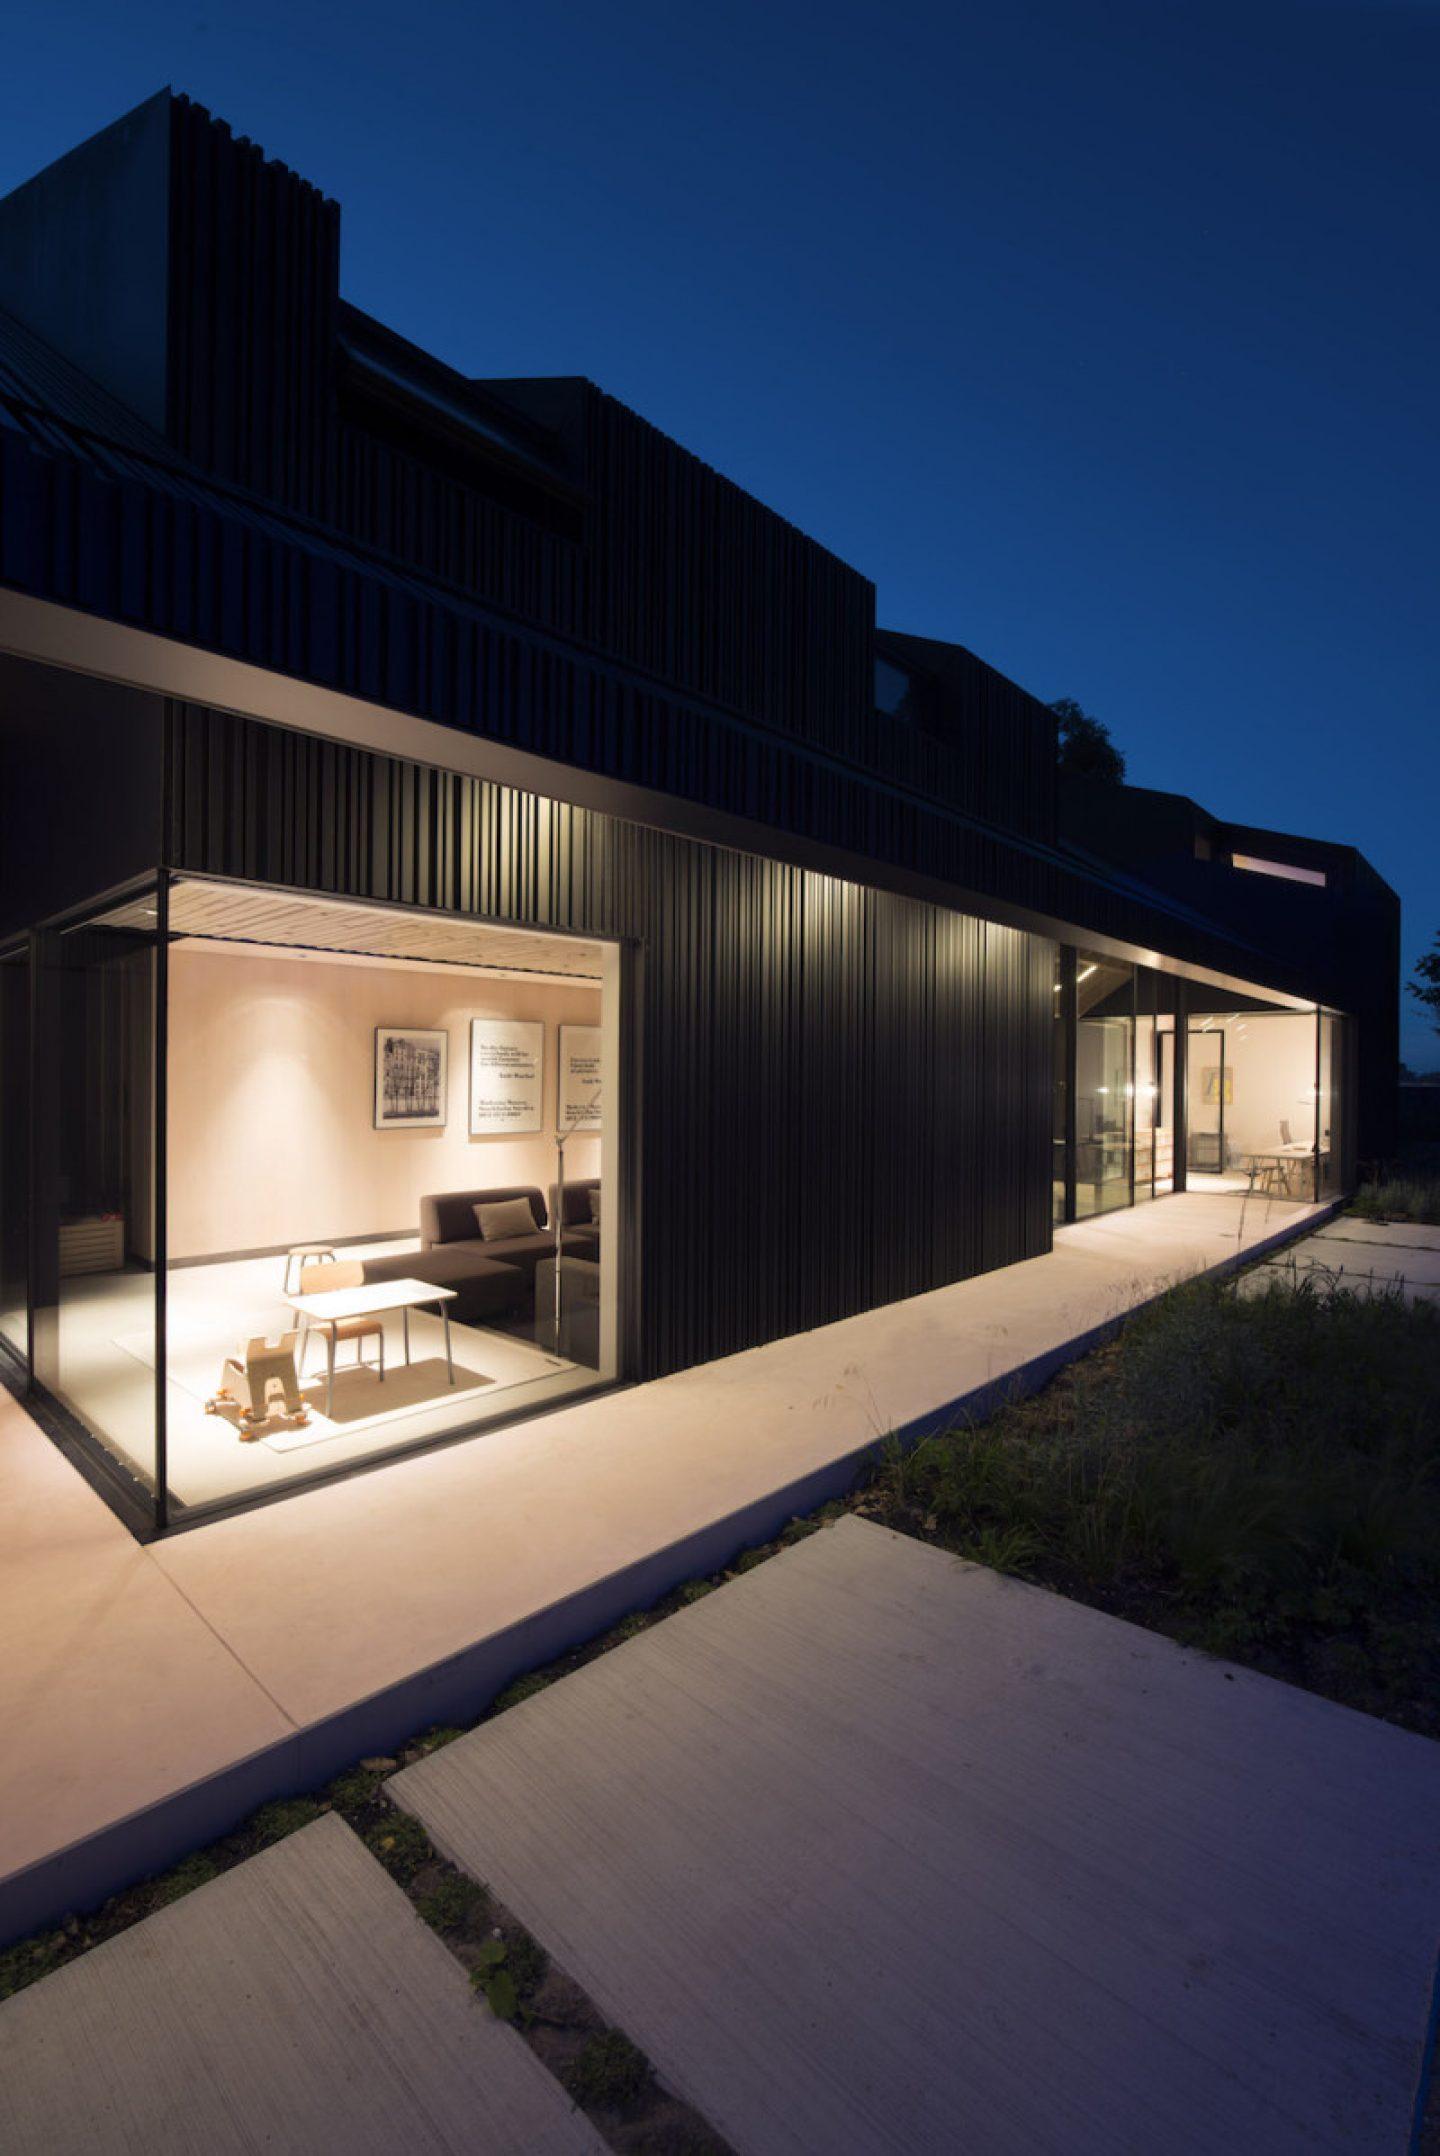 Studio_Prototype_Architecture6043